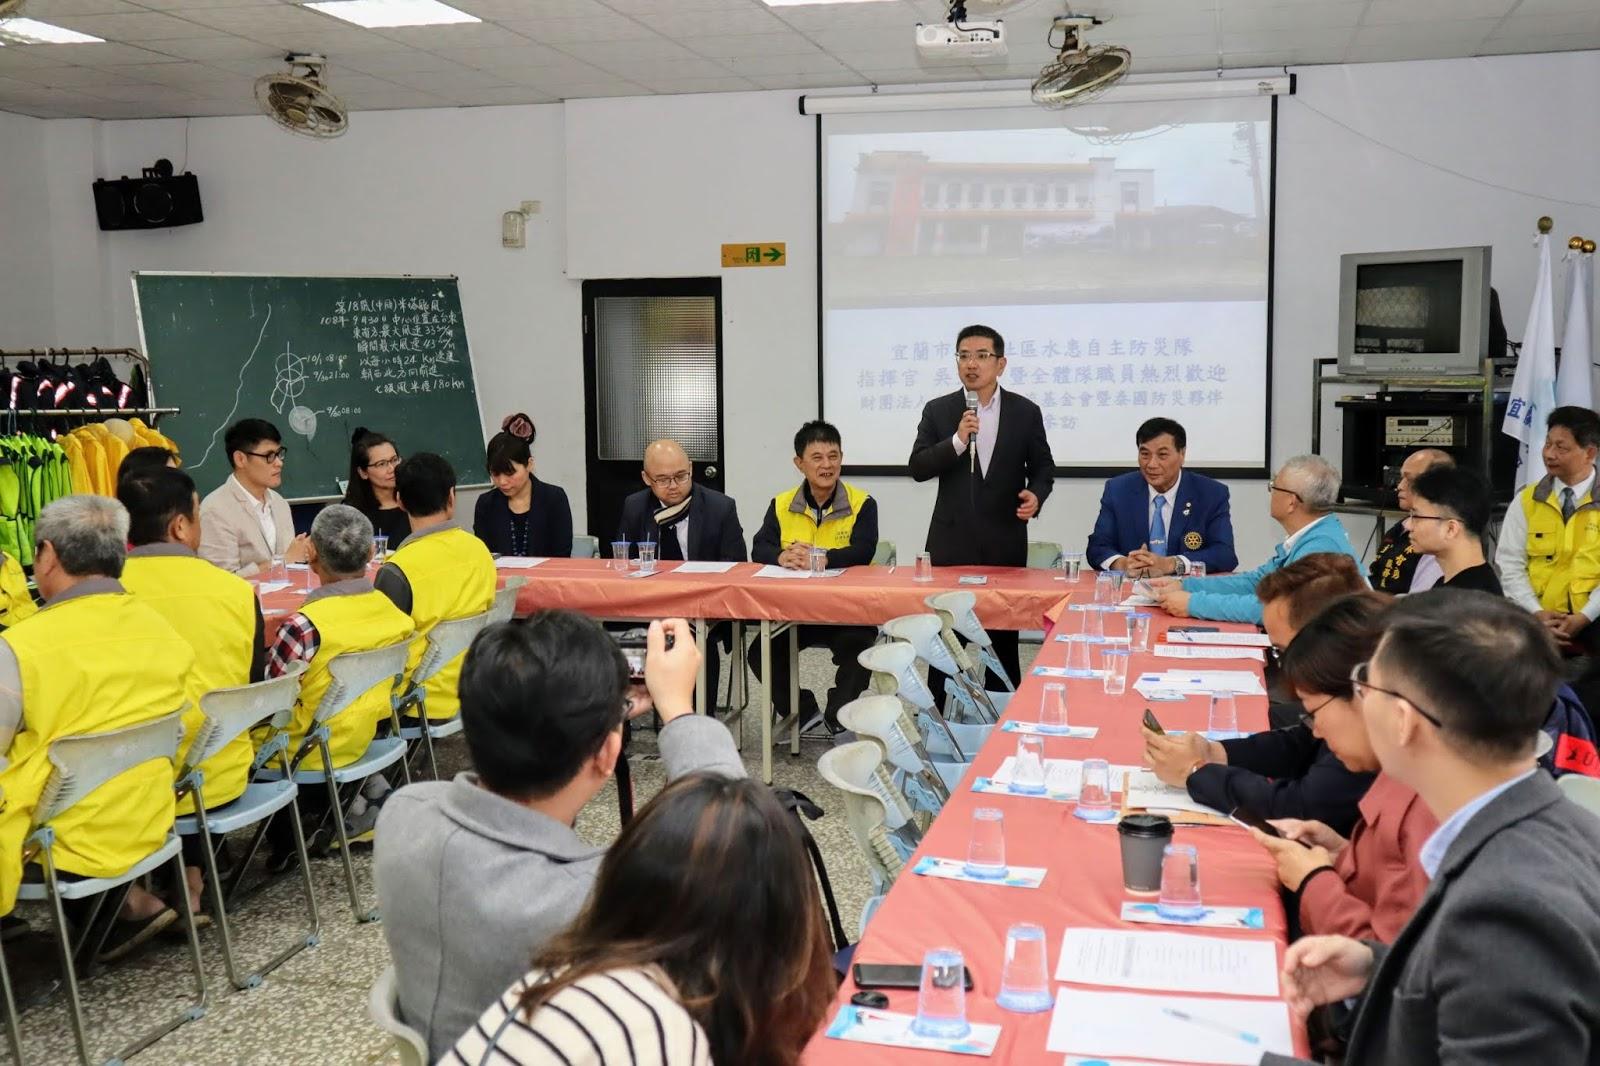 災難治理與預防 臺灣與泰國的對話》工作坊   蘭陽新聞網 LanyangNews